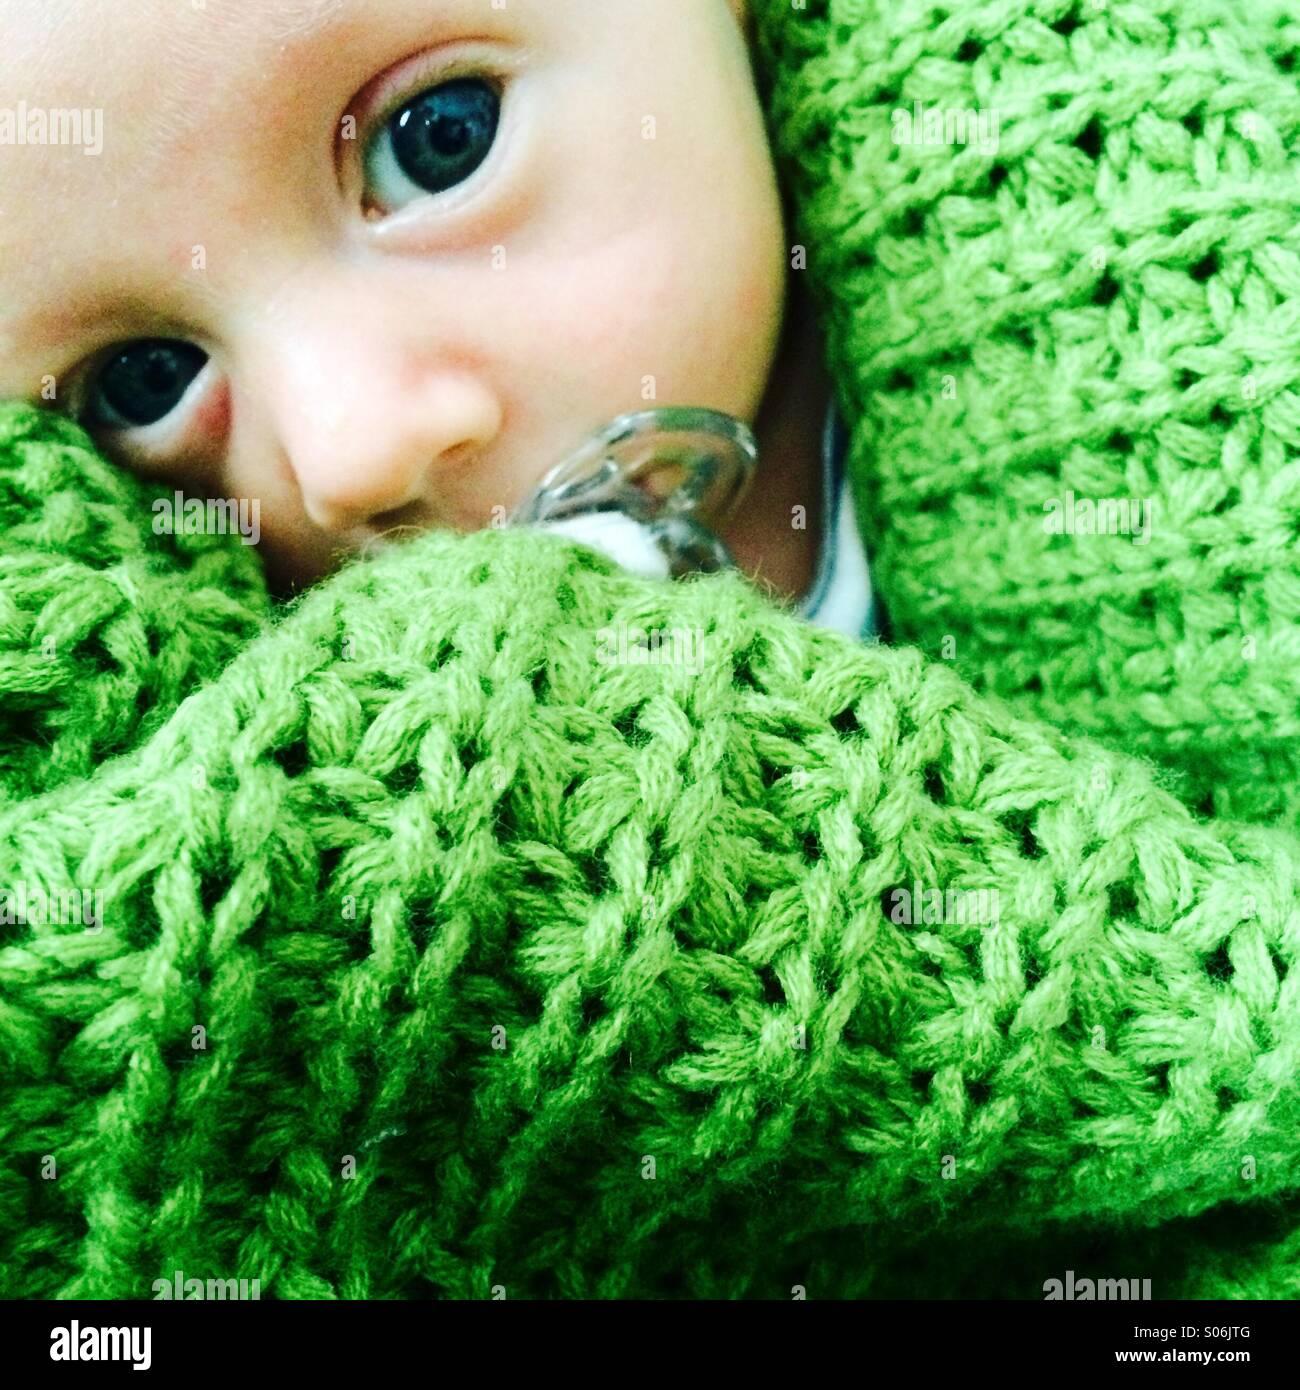 Ein Baby beruhigt durch eine Dummy-guckt heraus aus einer grünen Decke Stockbild